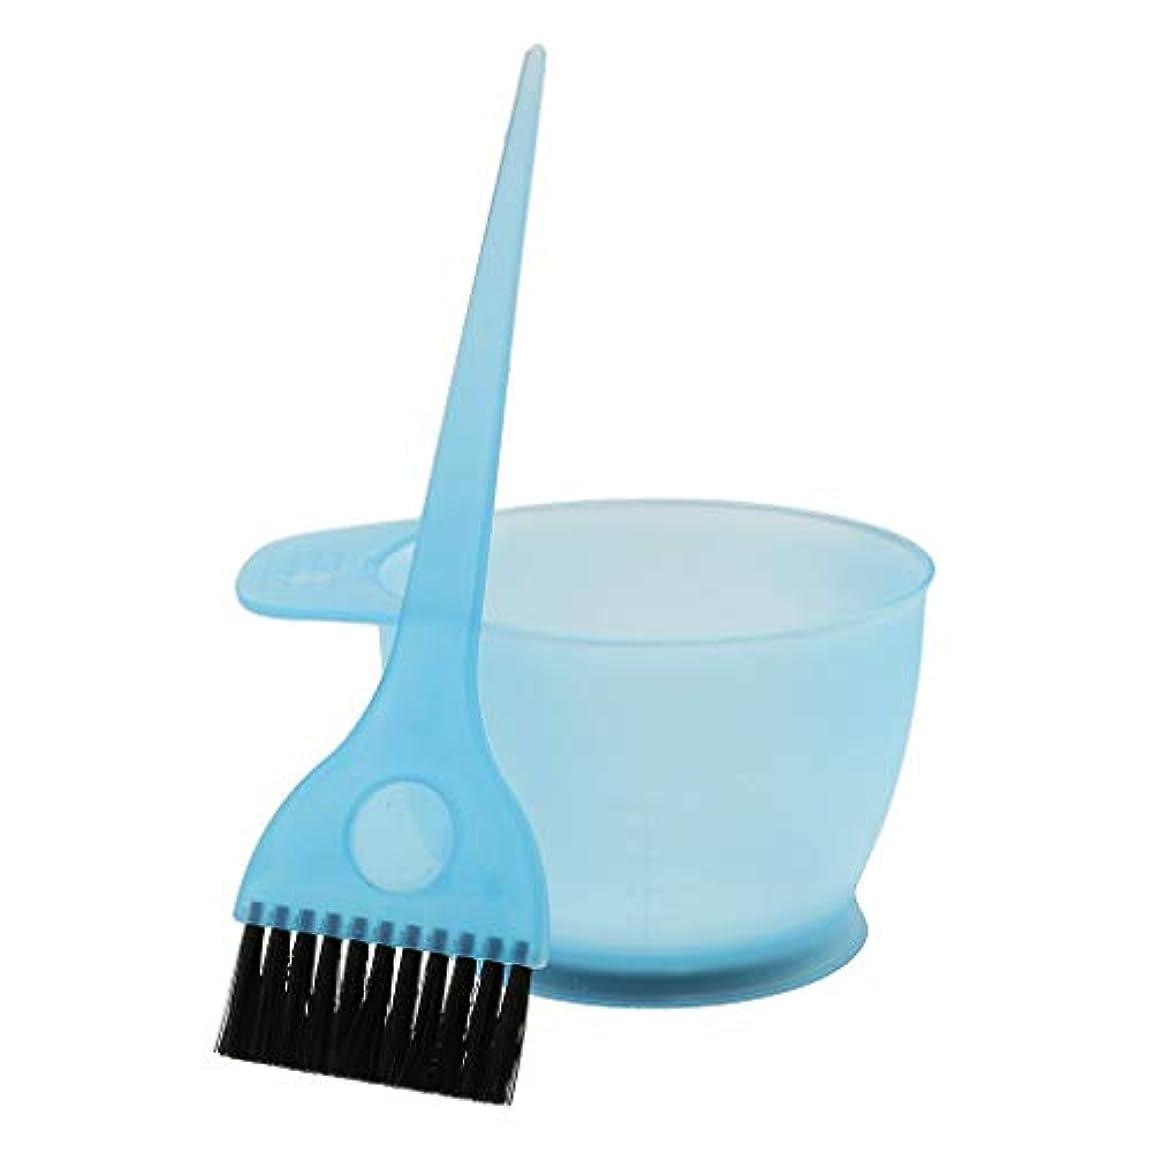 ラインナップトリップ財布髪の色合い染料着色ツールのためのサロン髪色染料ボウル櫛ブラシセットスーツ (ブルー)